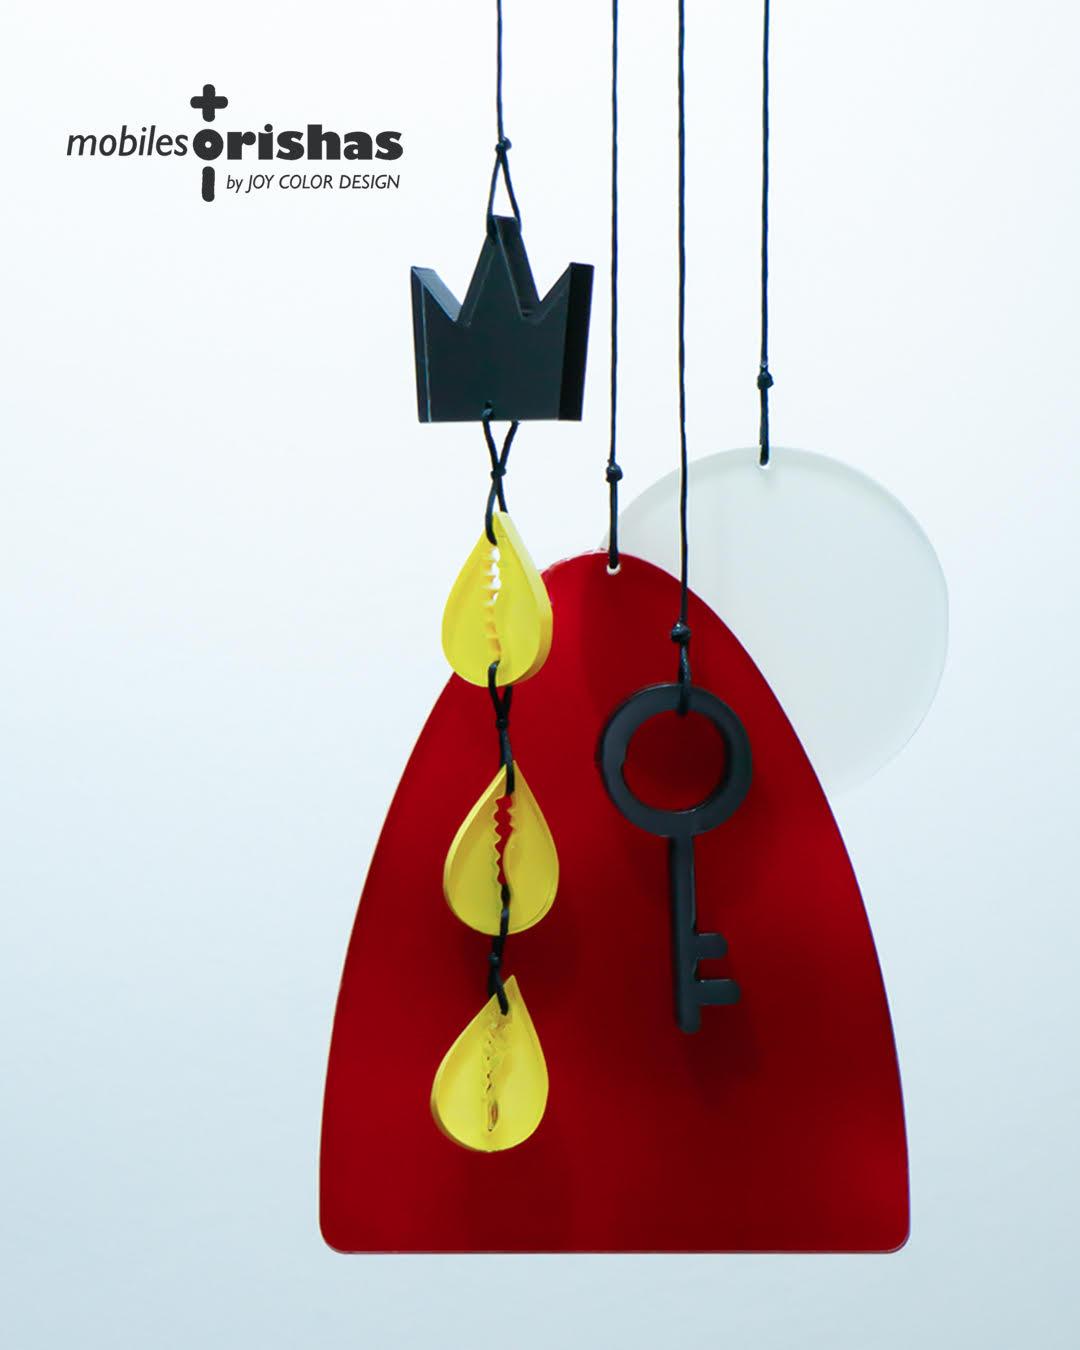 Mobiles Orishas. Nueva colección de Yamile Salomón Infante, diseñadora y creadora de Joy Color.